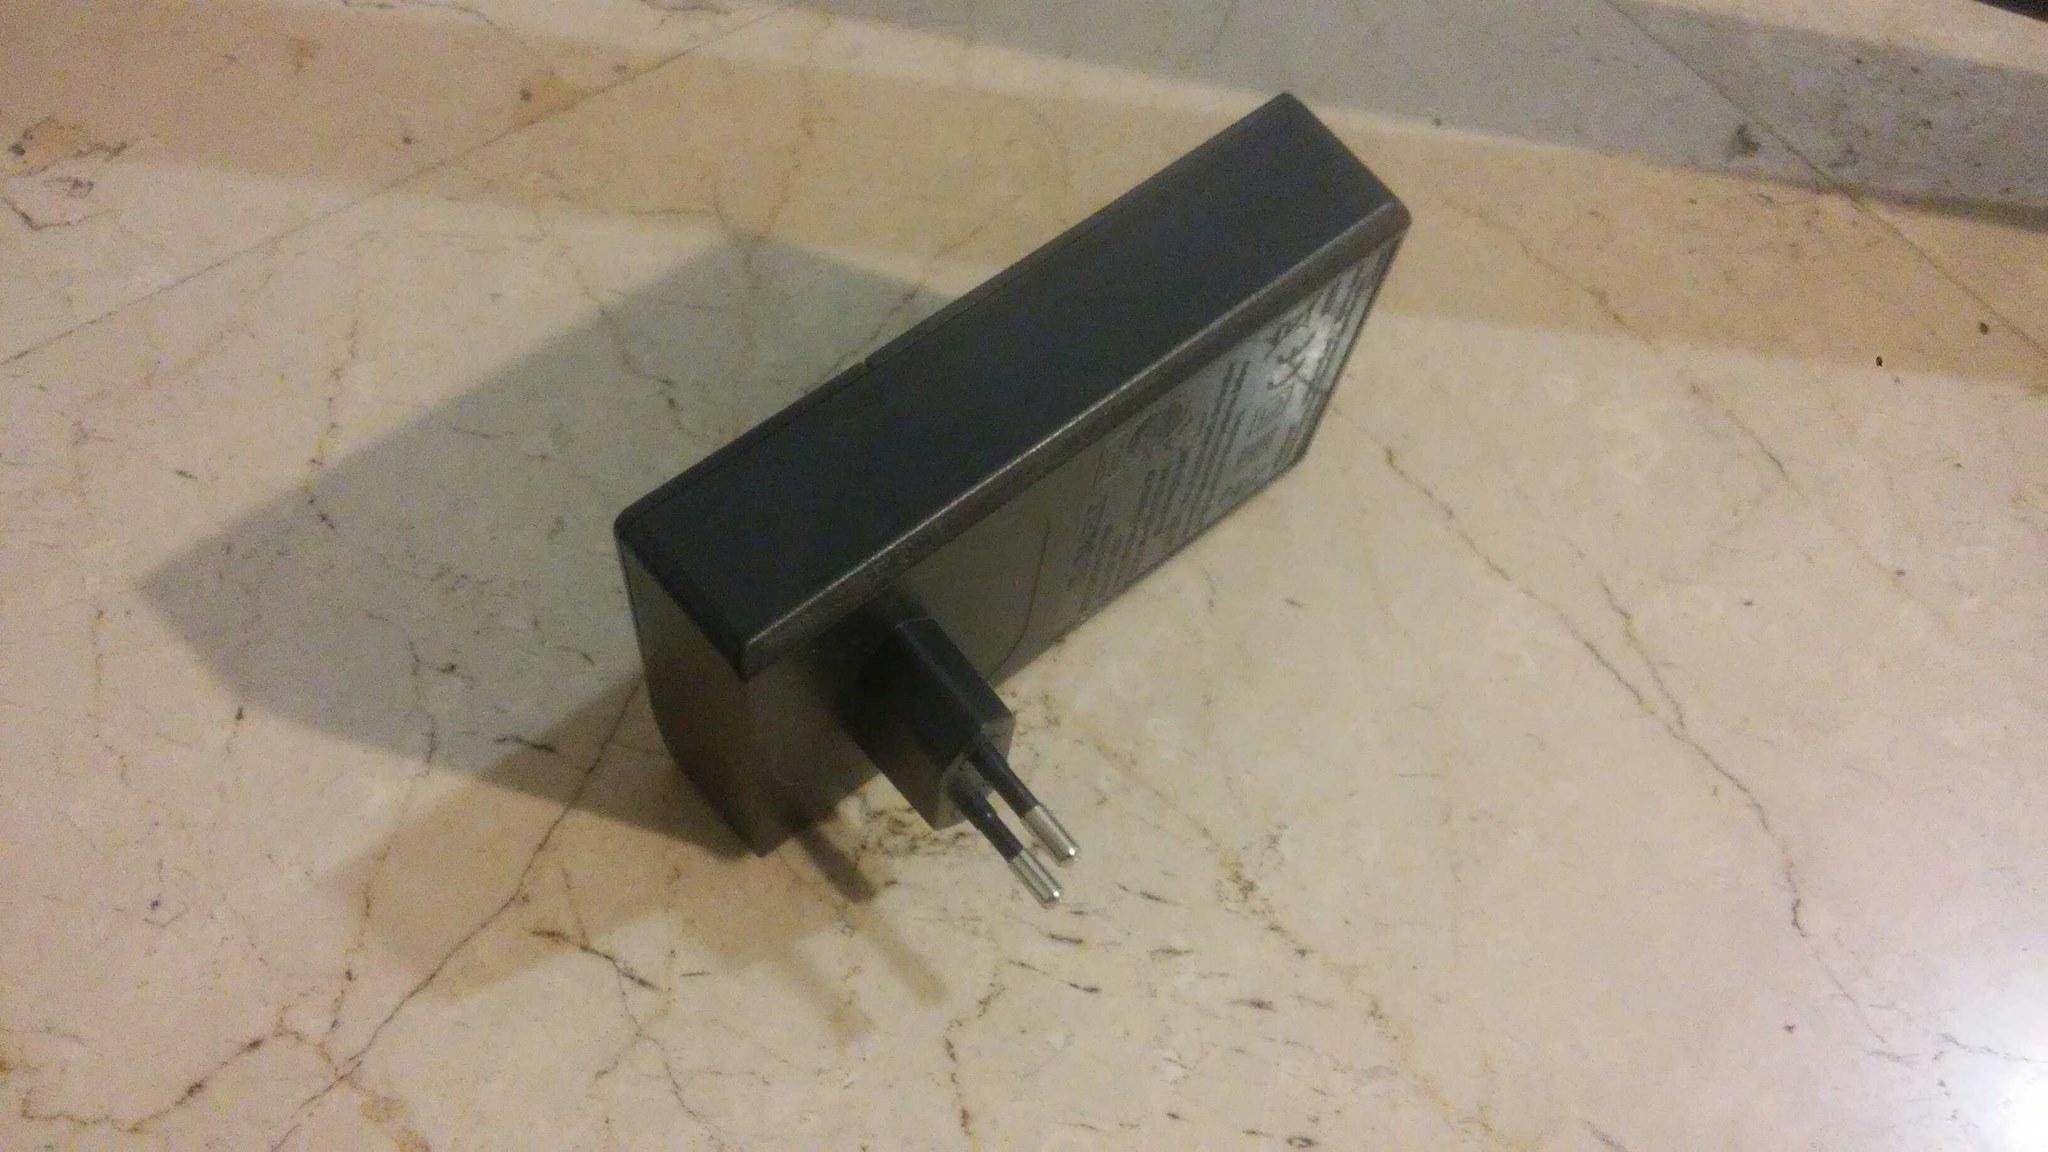 Recensione Duracell Caricabatterie da 45 Minuti opinione completa foto 1  - Recensione Duracell Caricabatterie da 45 Minuti: opinione completa